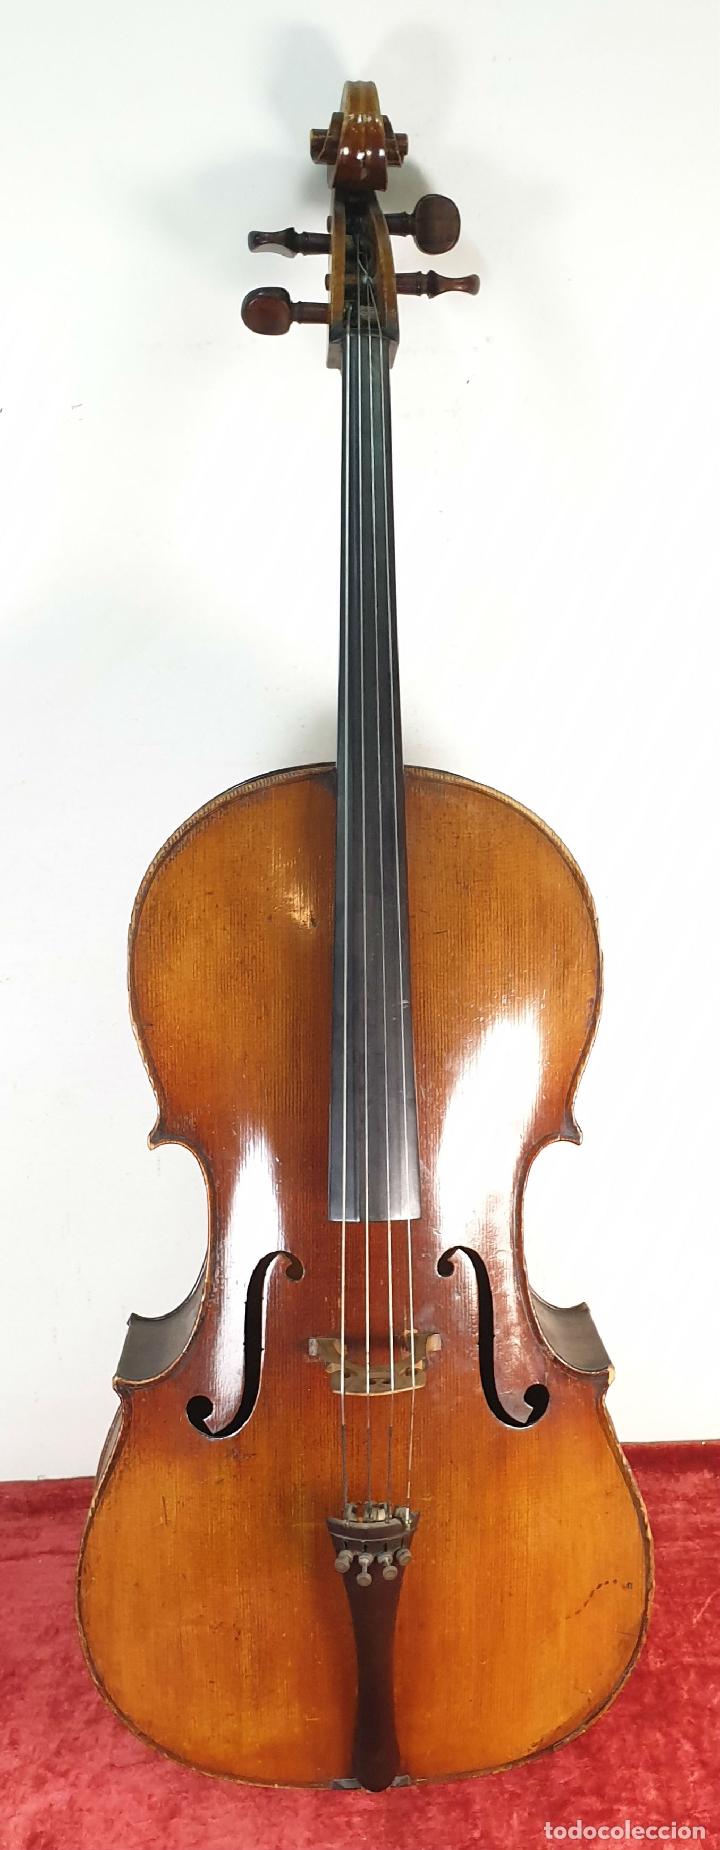 VIOLONCHELO. FIRMADO EN EL PUENTE. FM. FLETA. MEDIDA 3/4. CIRCA 1920. (Música - Instrumentos Musicales - Cuerda Antiguos)